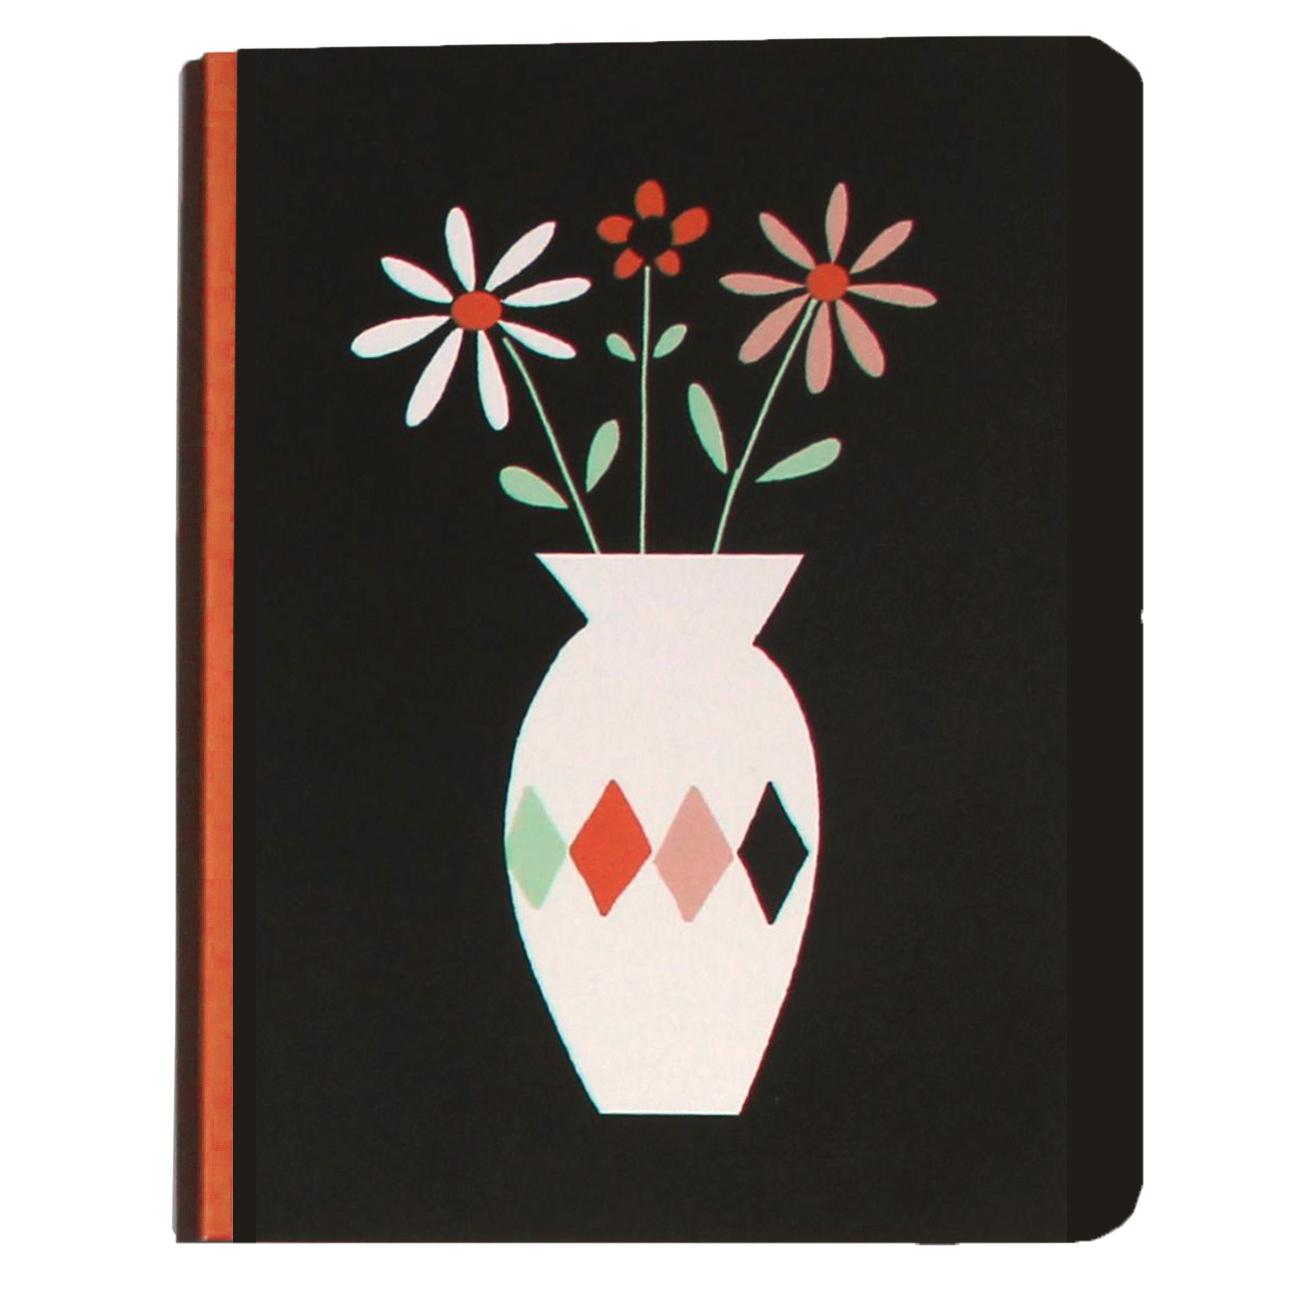 Vase Notebook small.jpg